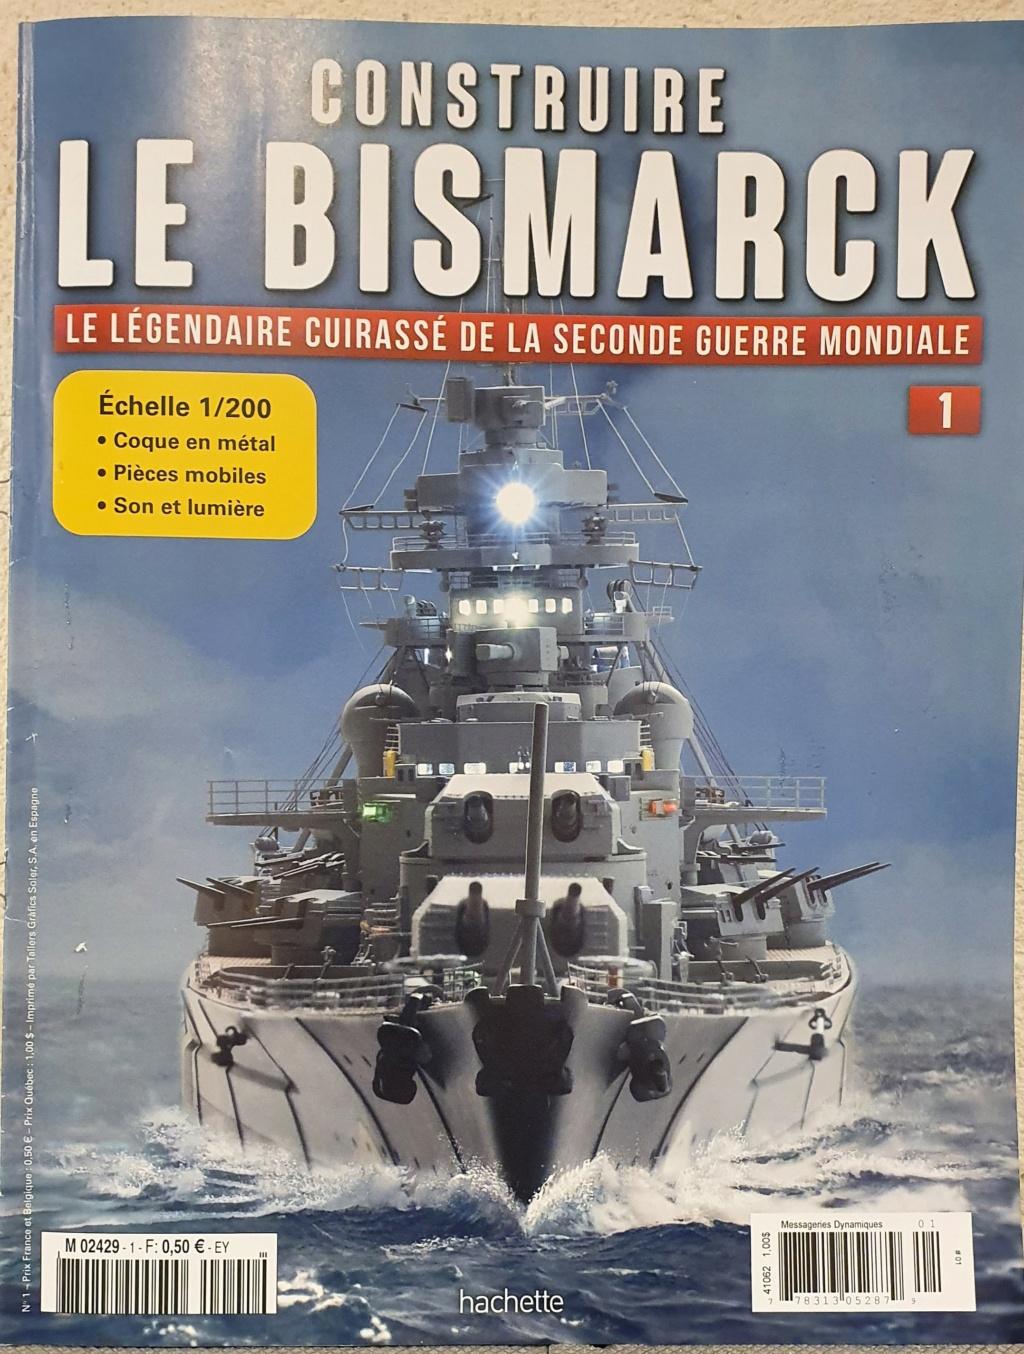 Le BISMARCK Hachette 1/200 140 Numèros 20200810